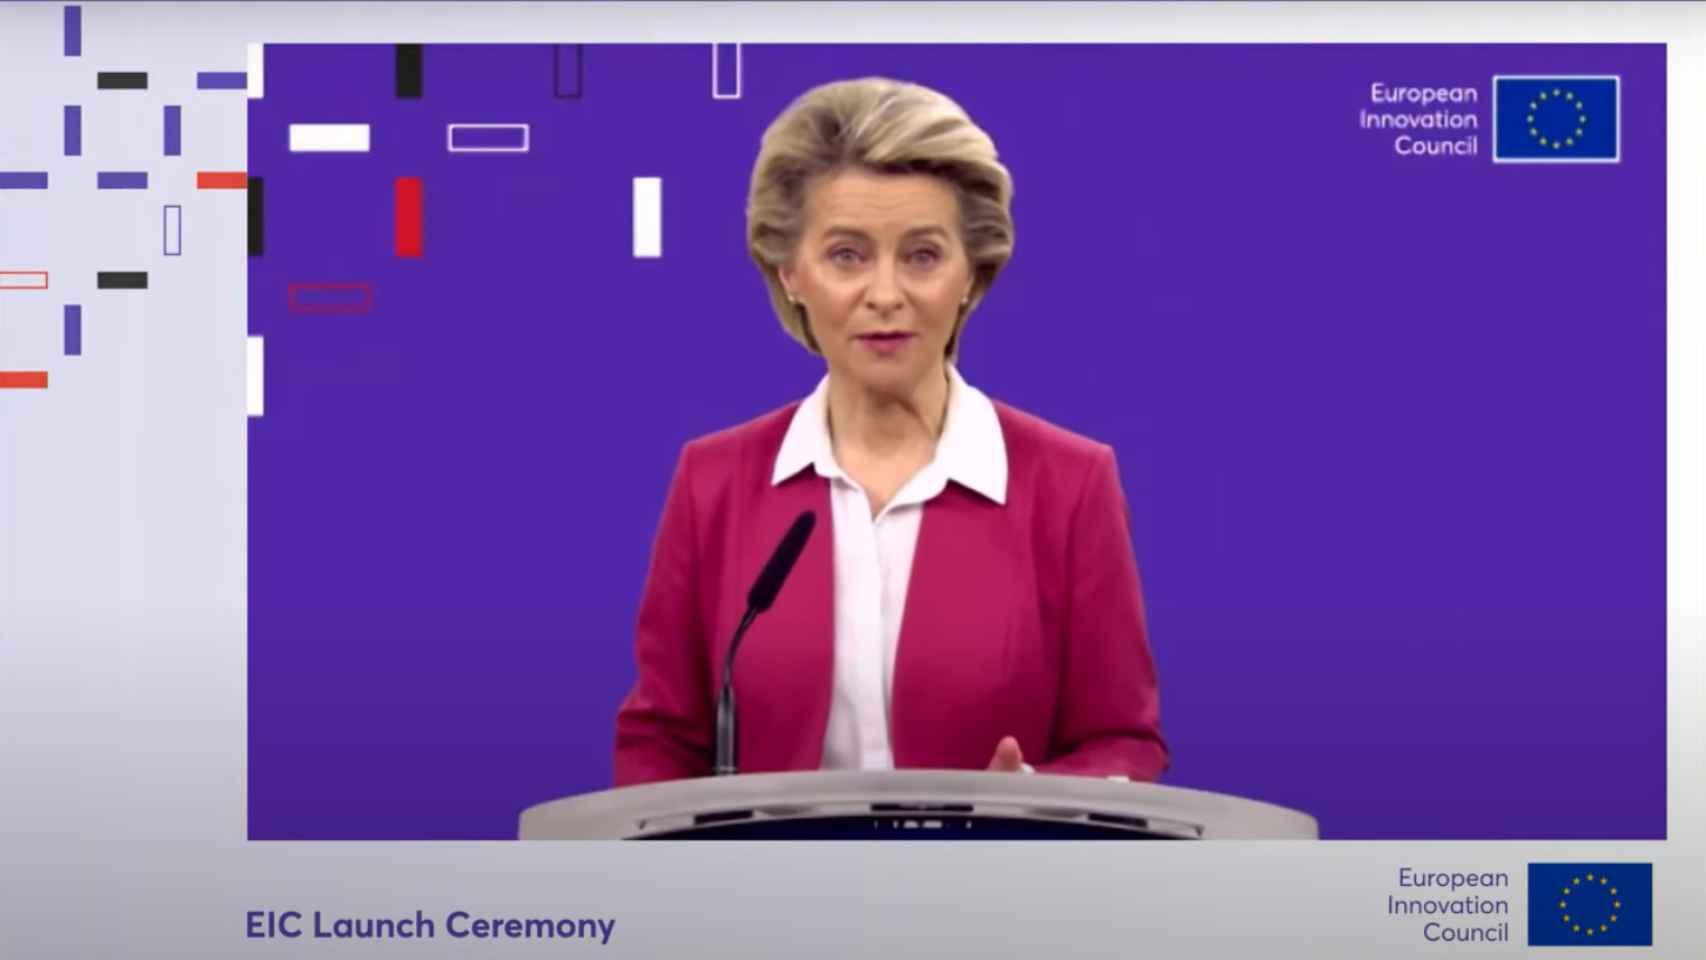 La presidenta de la CE, Ursula von der Leyen, presenta el 'nuevo' Consejo Europeo de Innovación